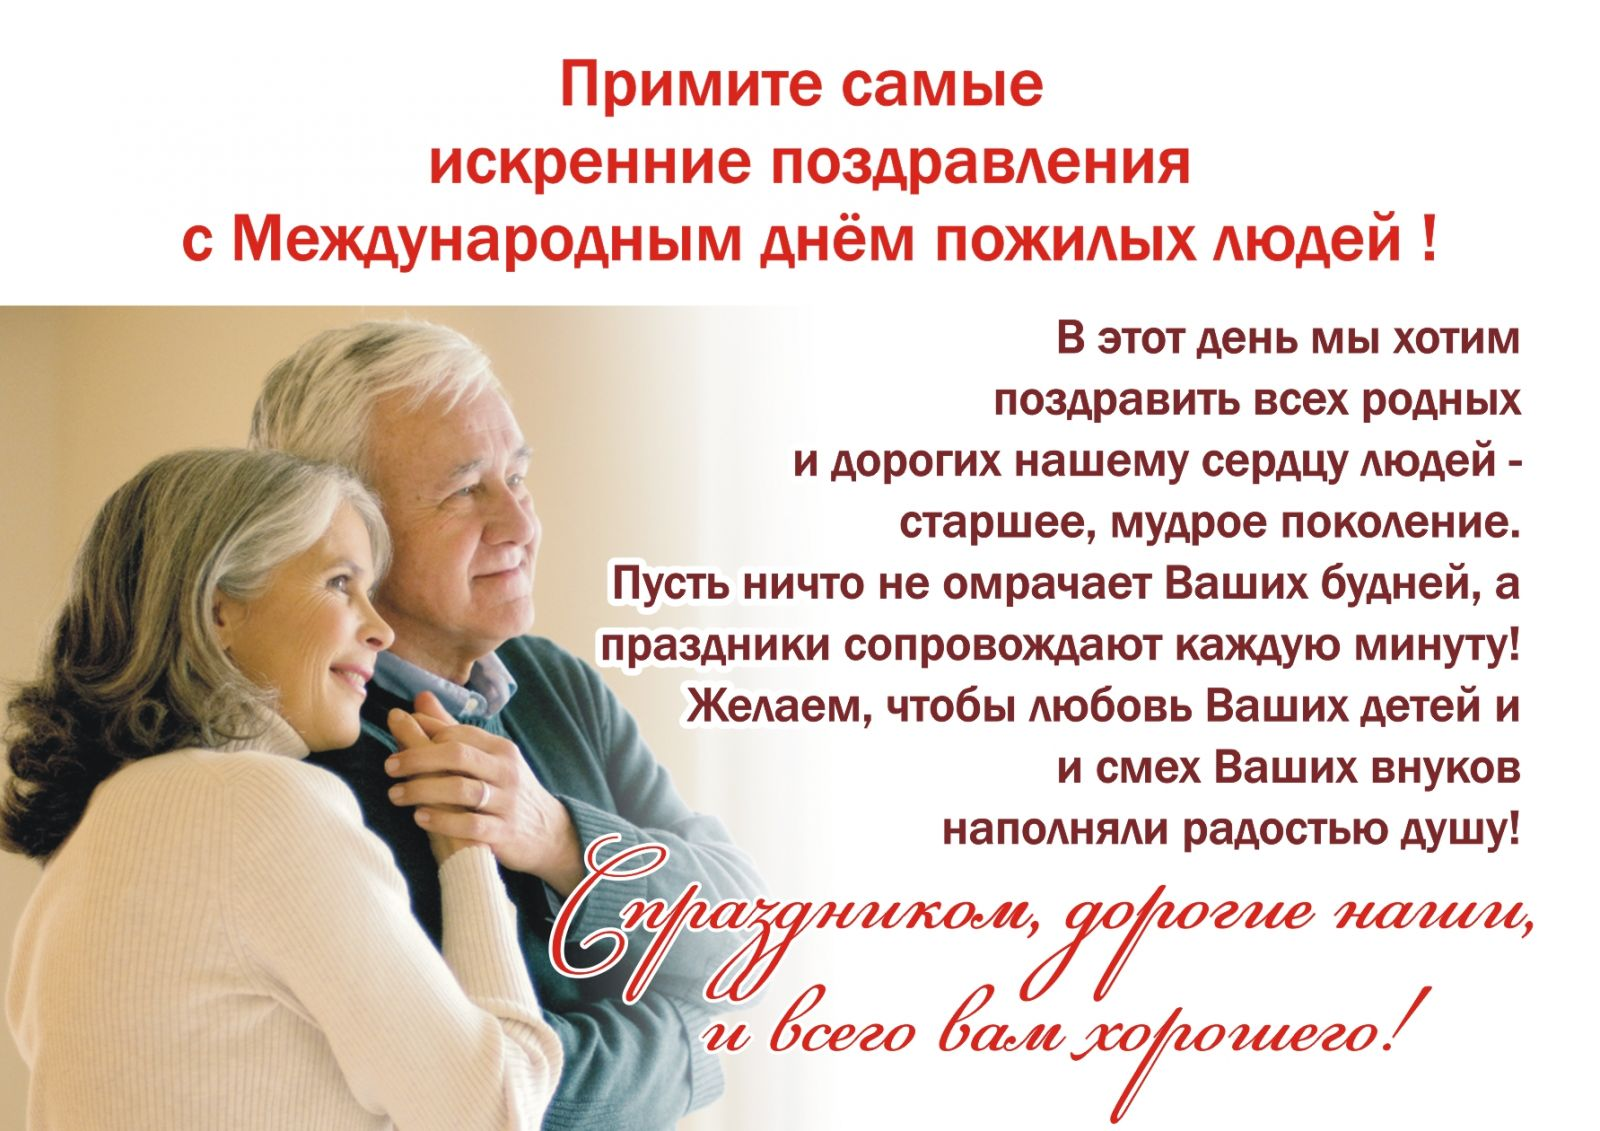 Открытка пожилым людям